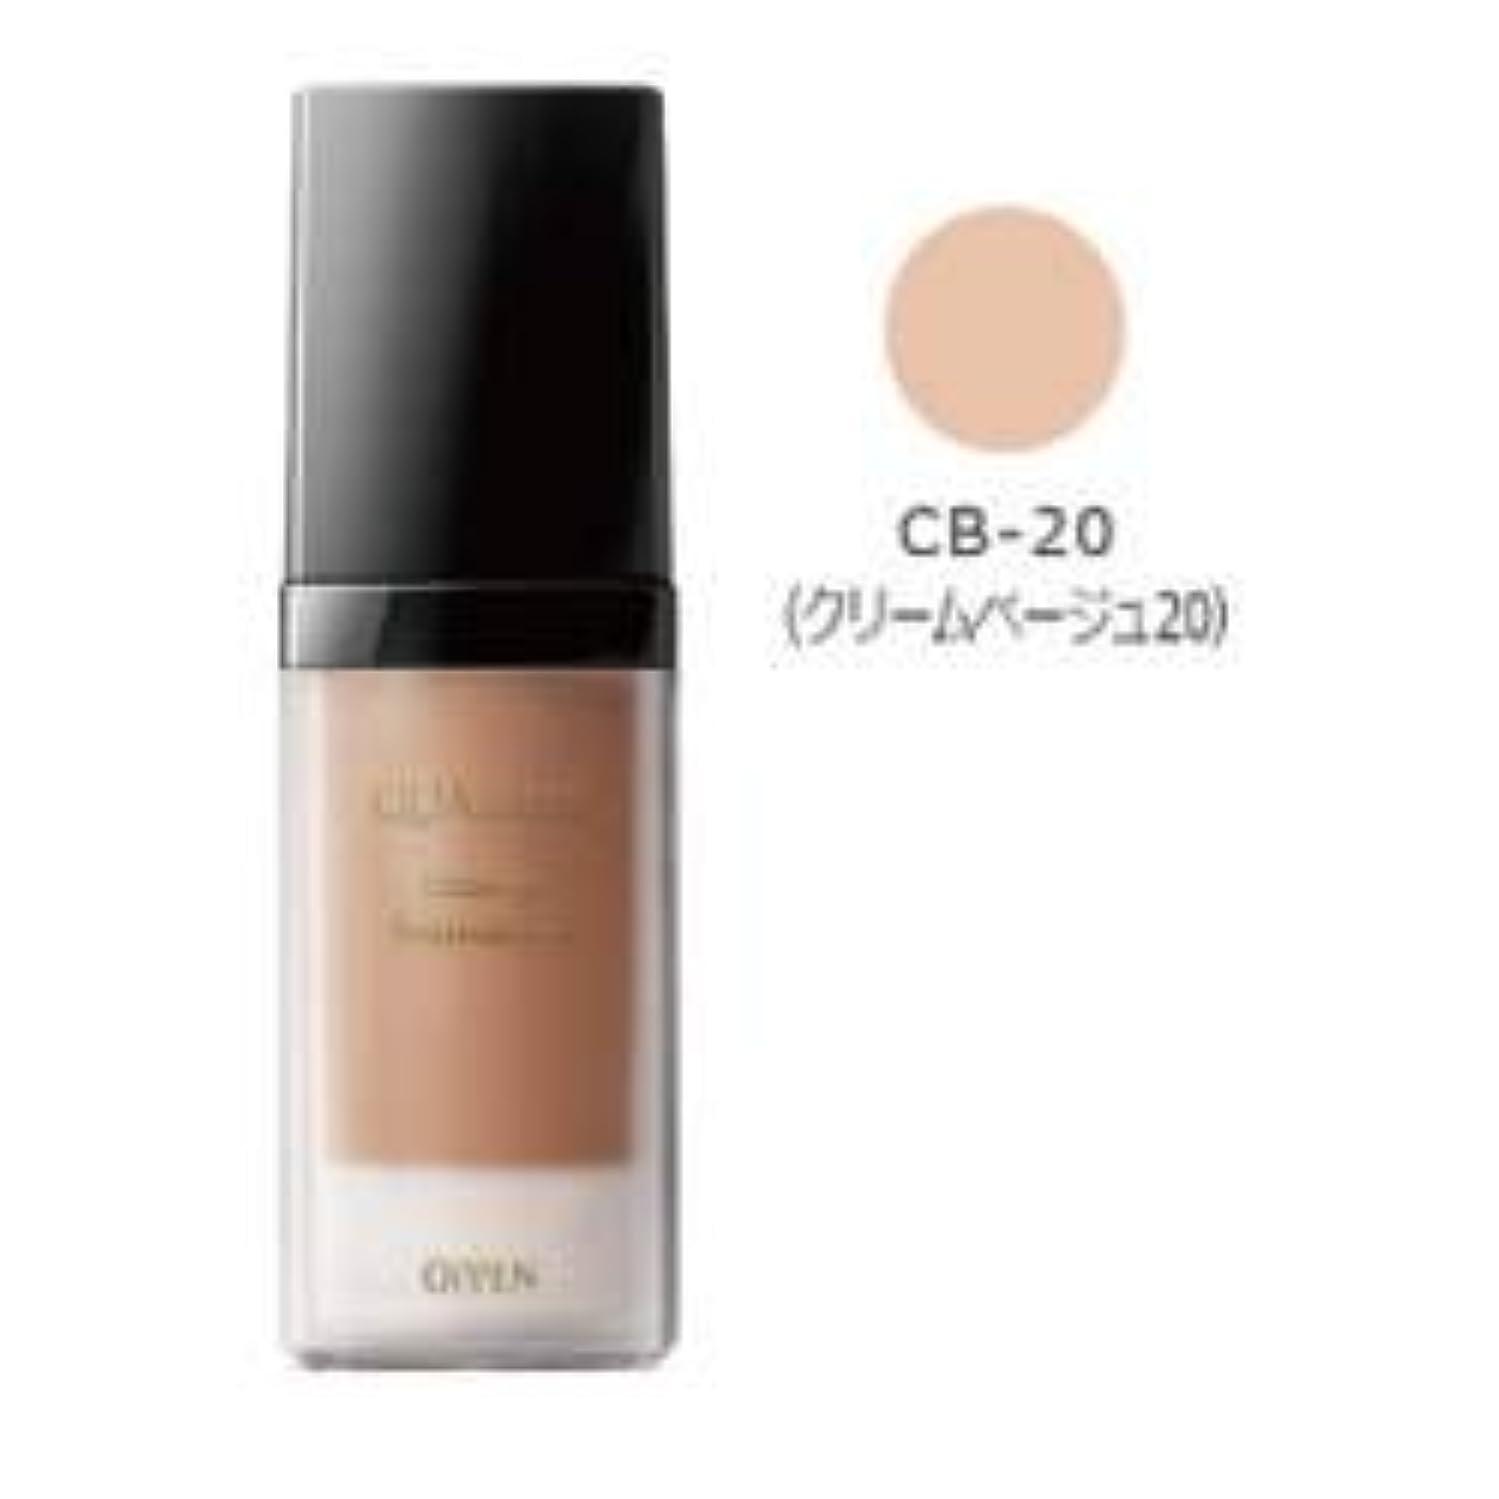 差別アクセル繊毛オッペン カリフィエ ドゥスール クリーミィファンデーション CB-20(26g)